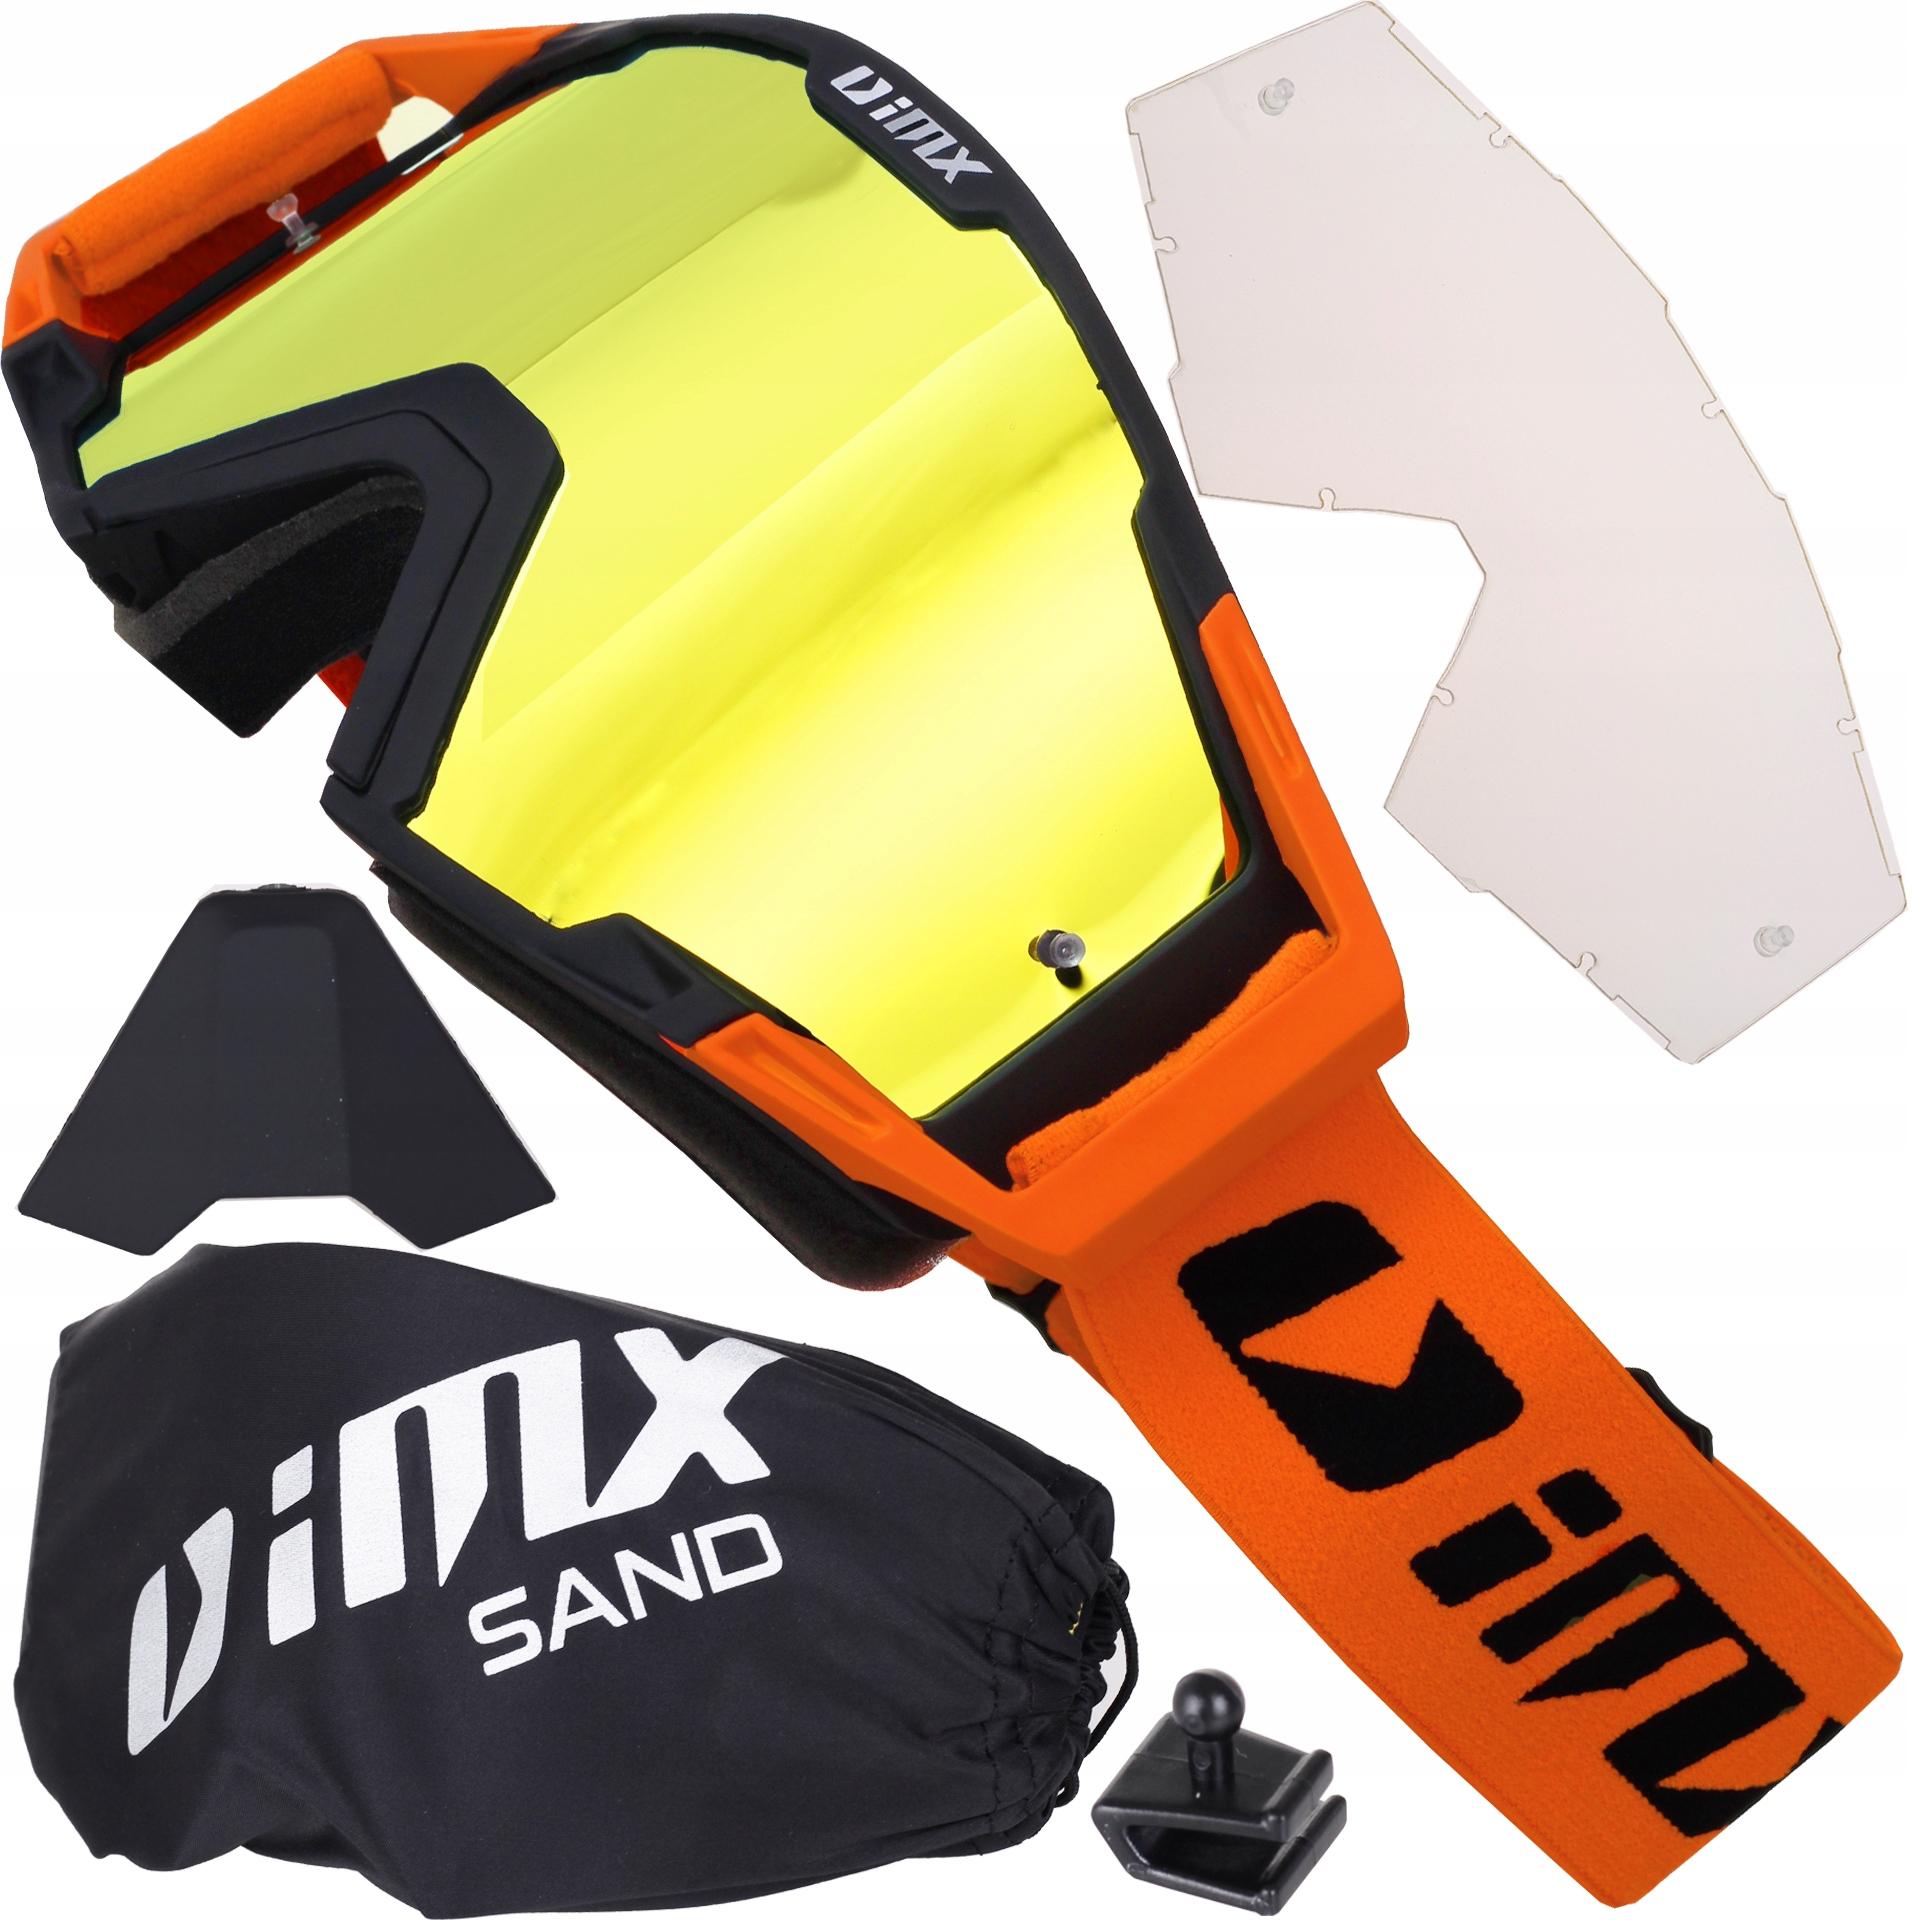 IMx продукта песок черный оранжевый Гоголь кросс эндуро 2 SZYBY